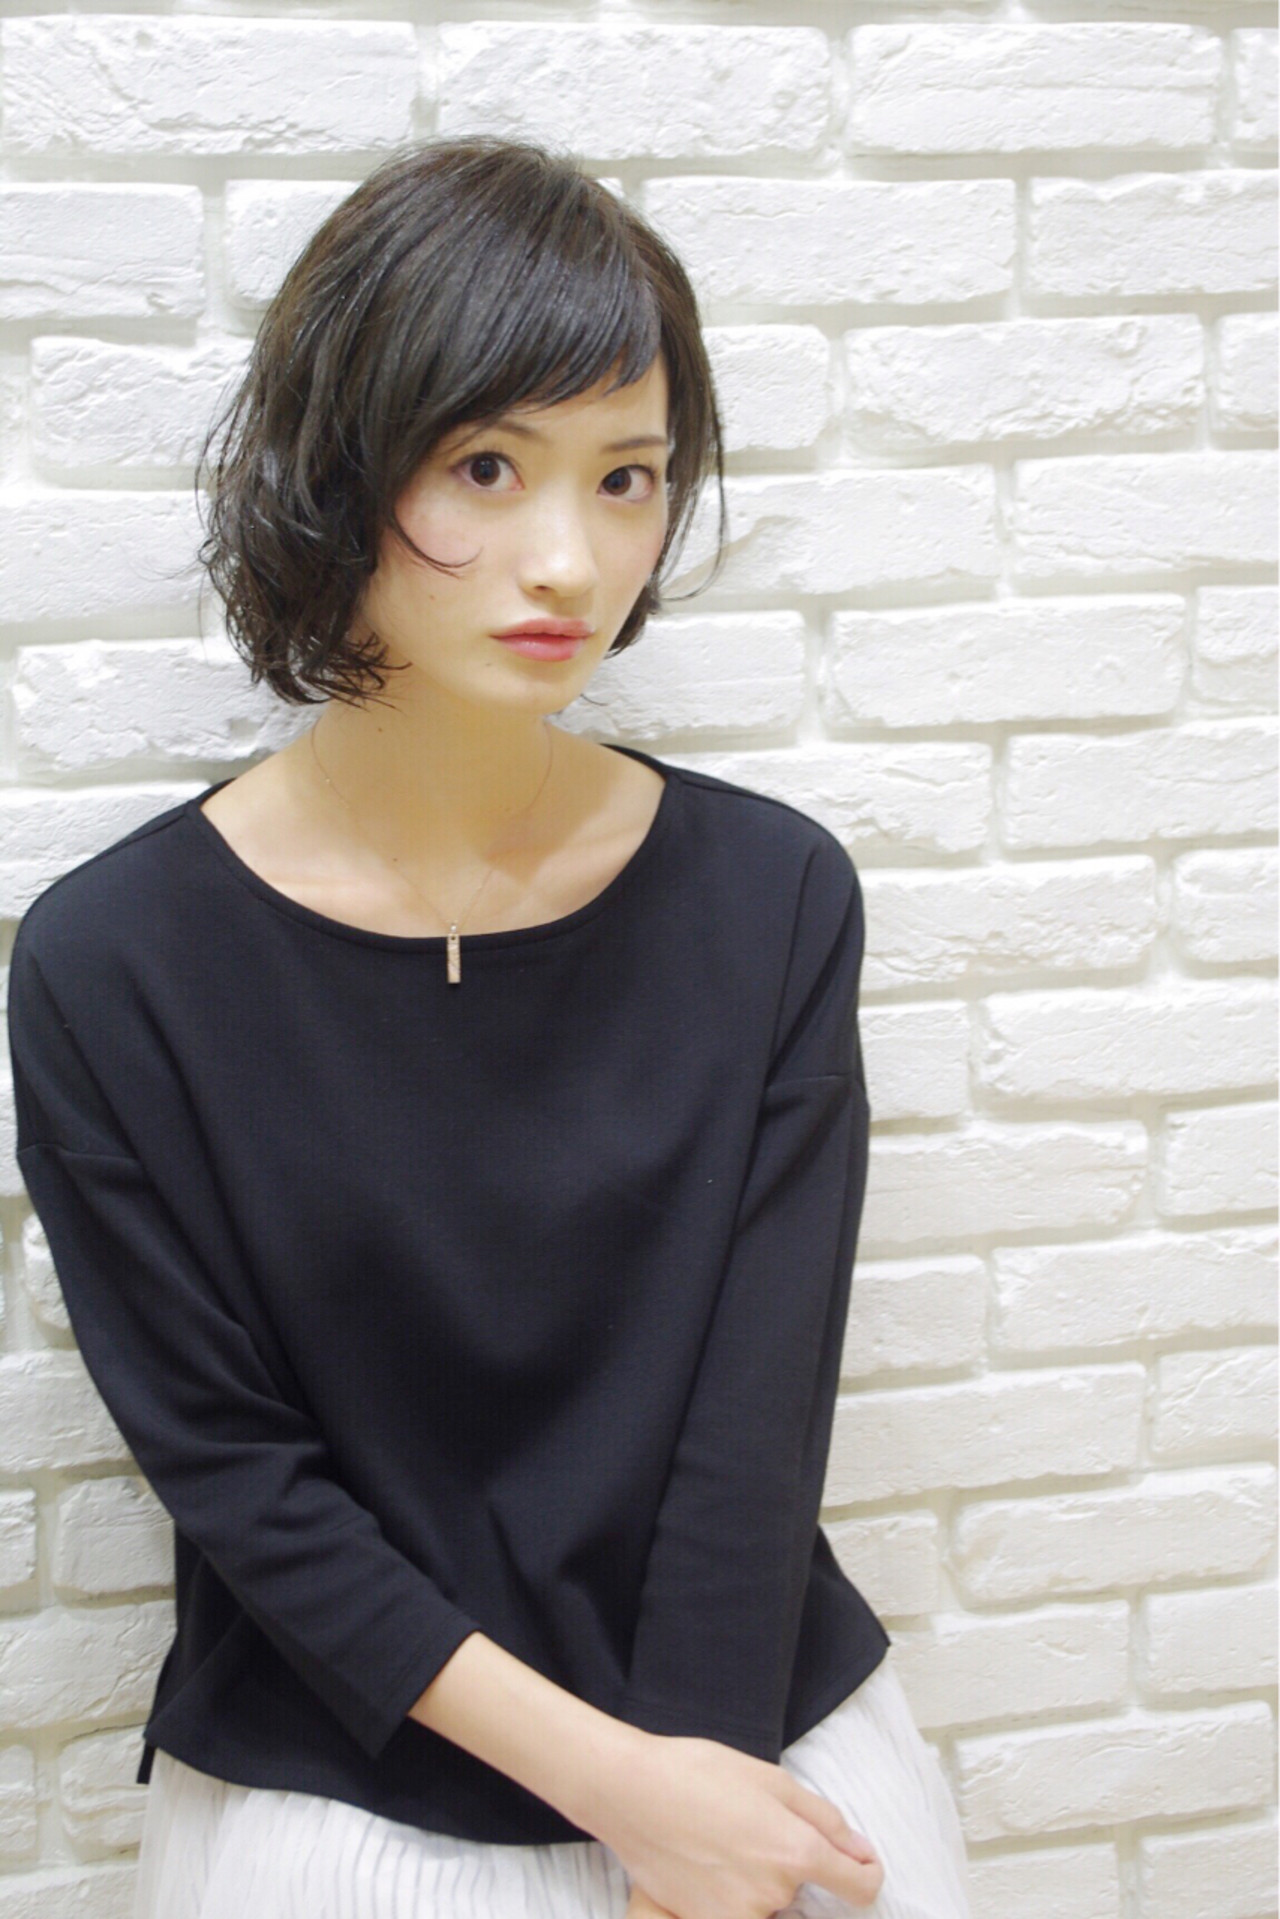 ガーリー ベビーバング ショート ショートバング ヘアスタイルや髪型の写真・画像 | 松田 光雄 / BLOCK